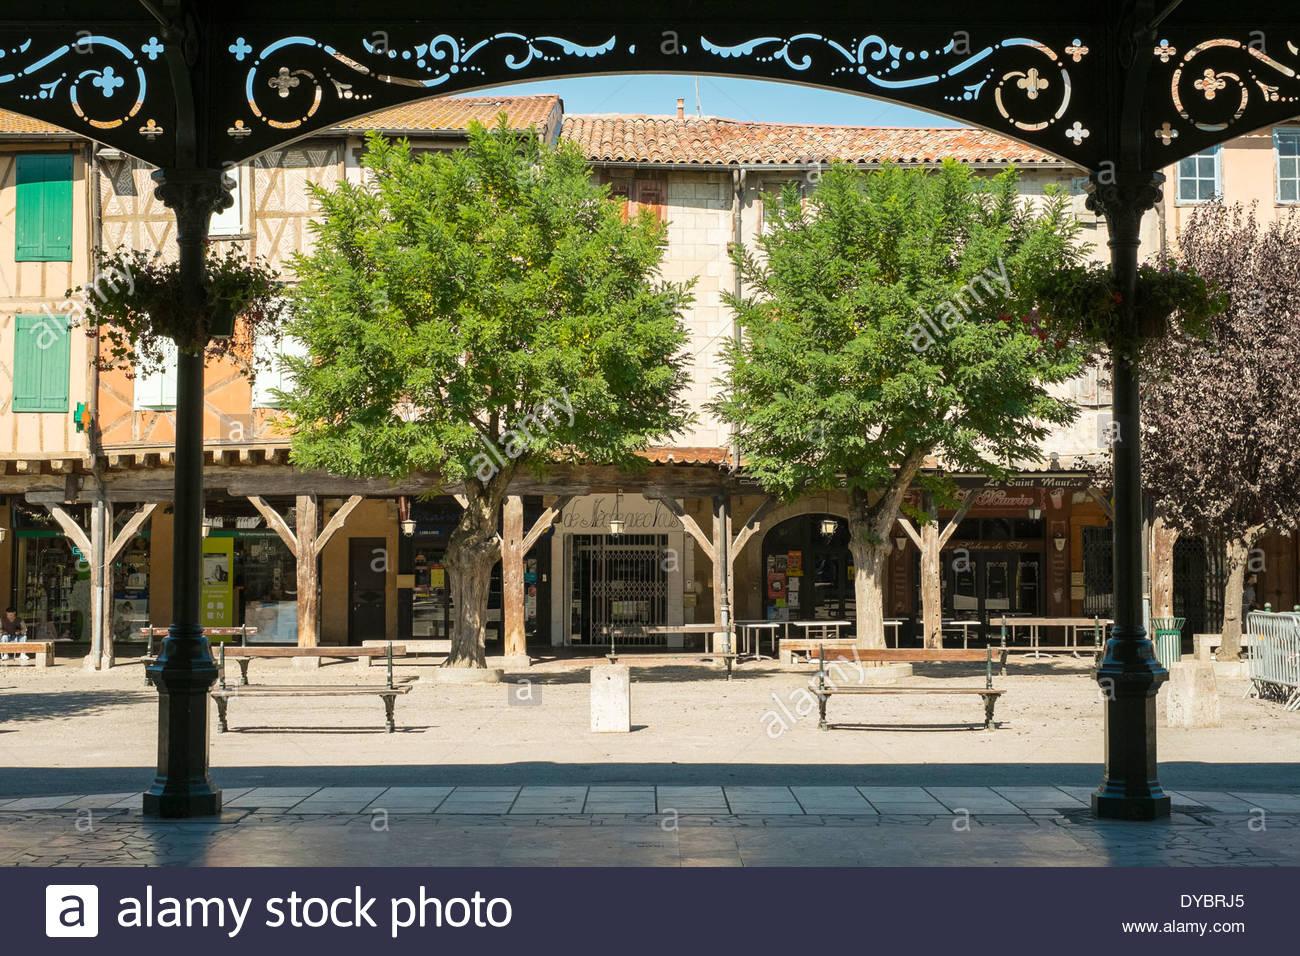 Markthalle am Place de Couverts im Bastide Stadt Mirepoix, Ariège, Midi-Pyrénées, Frankreich Stockbild